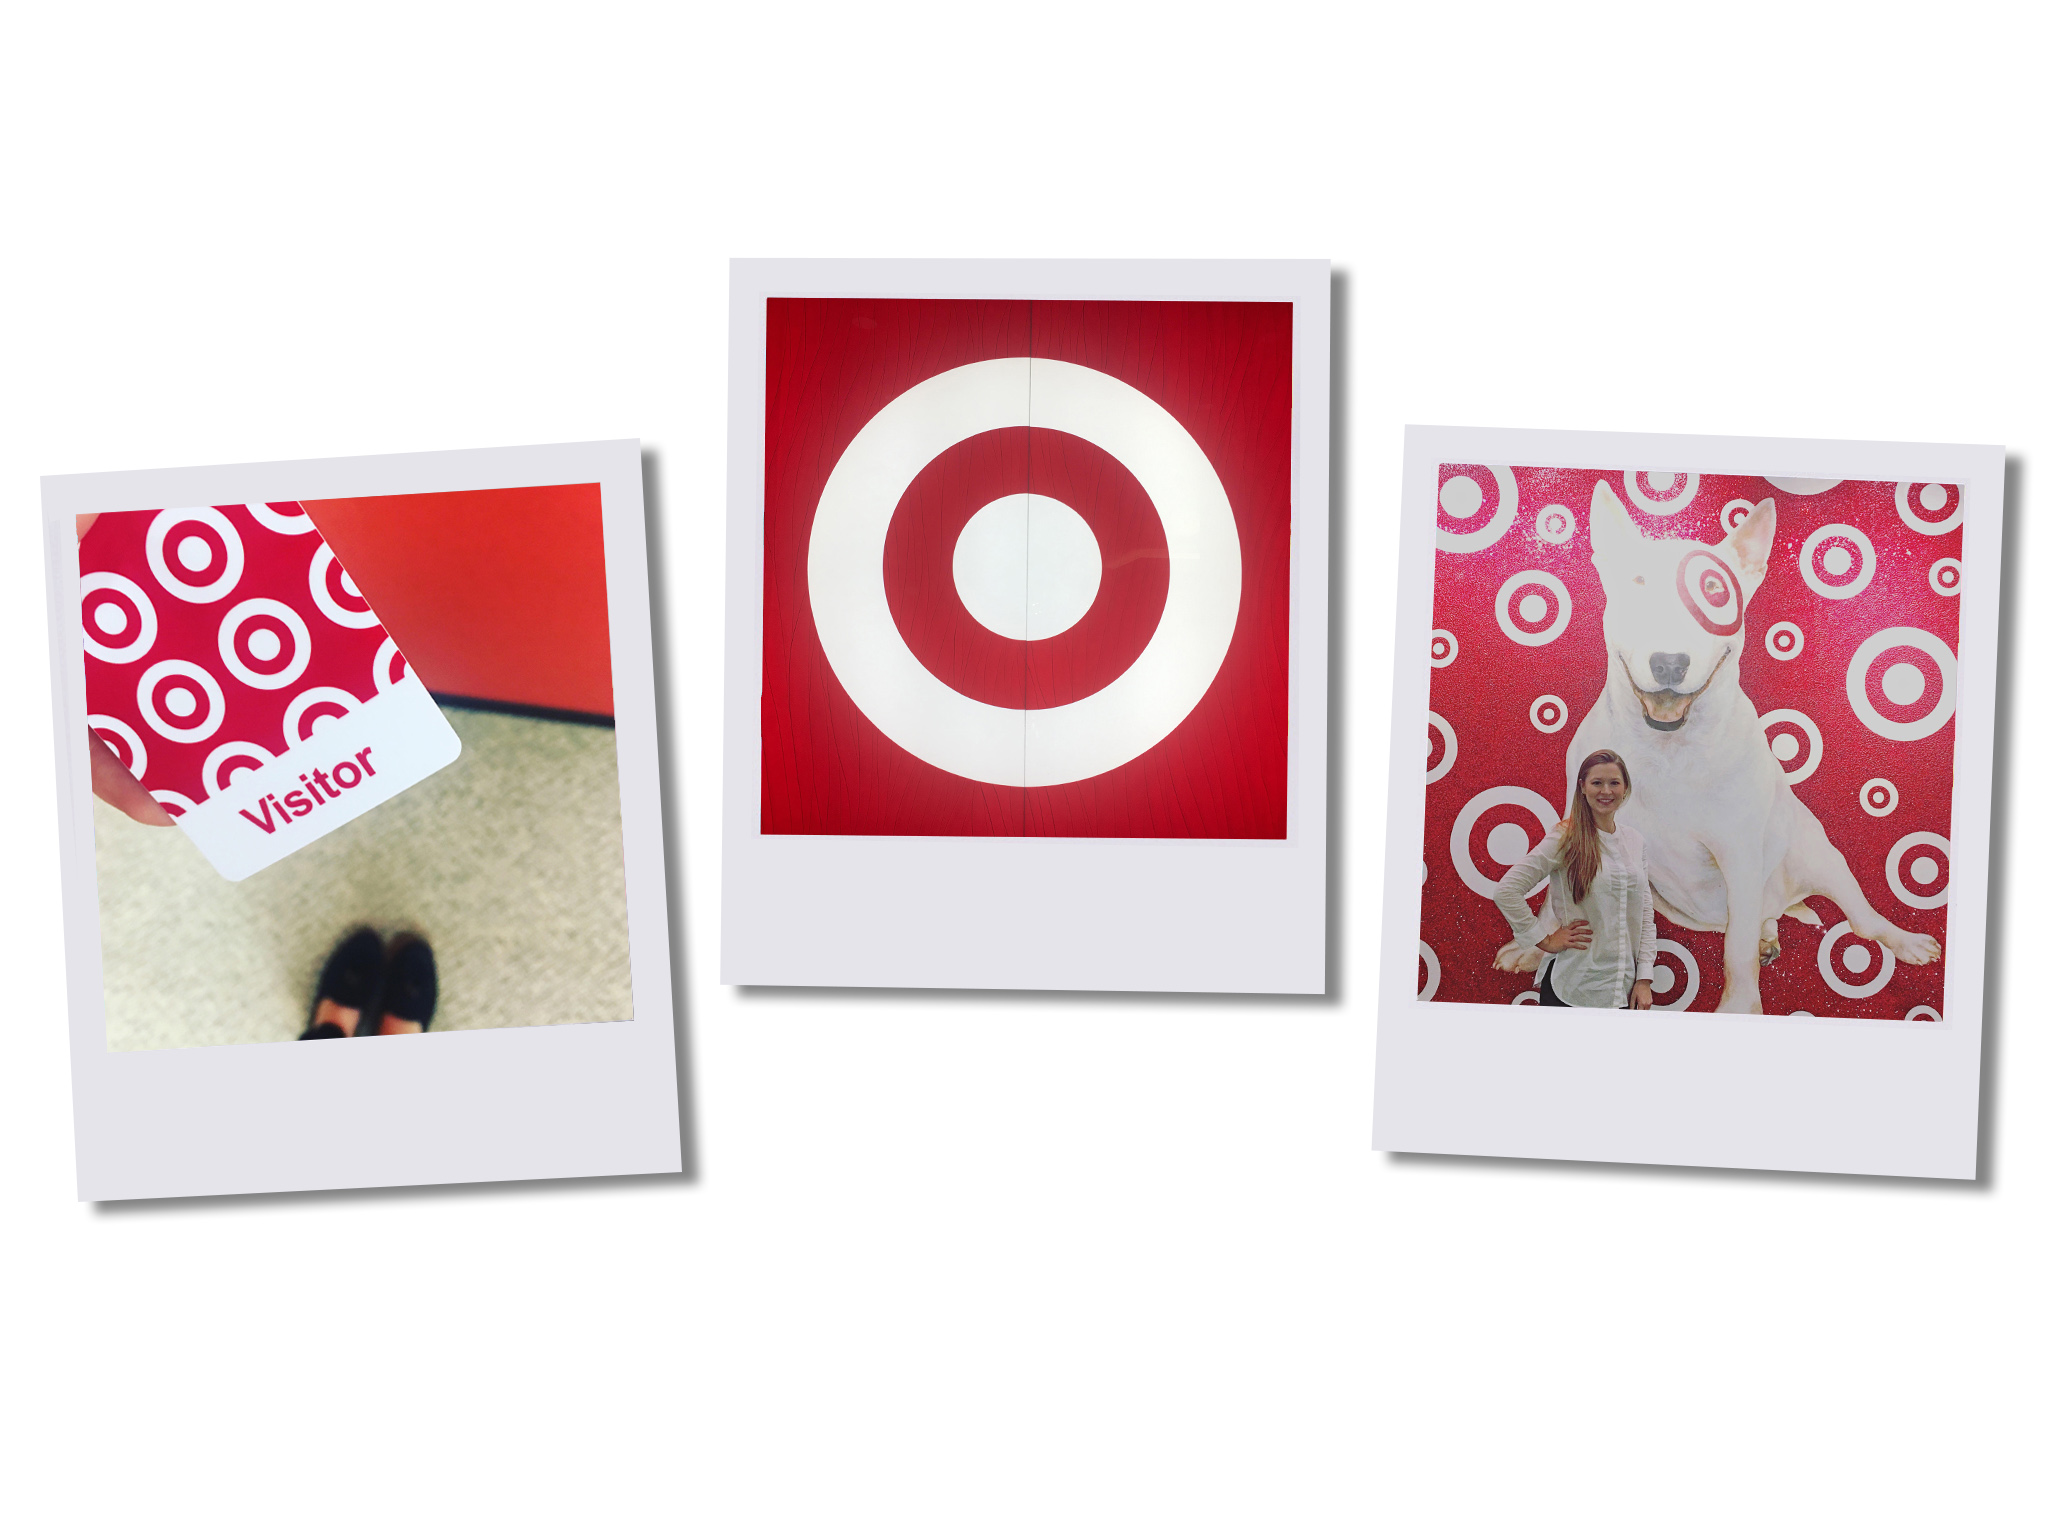 3-Photos-Rendering_Target-HQ-visit_edit.jpg